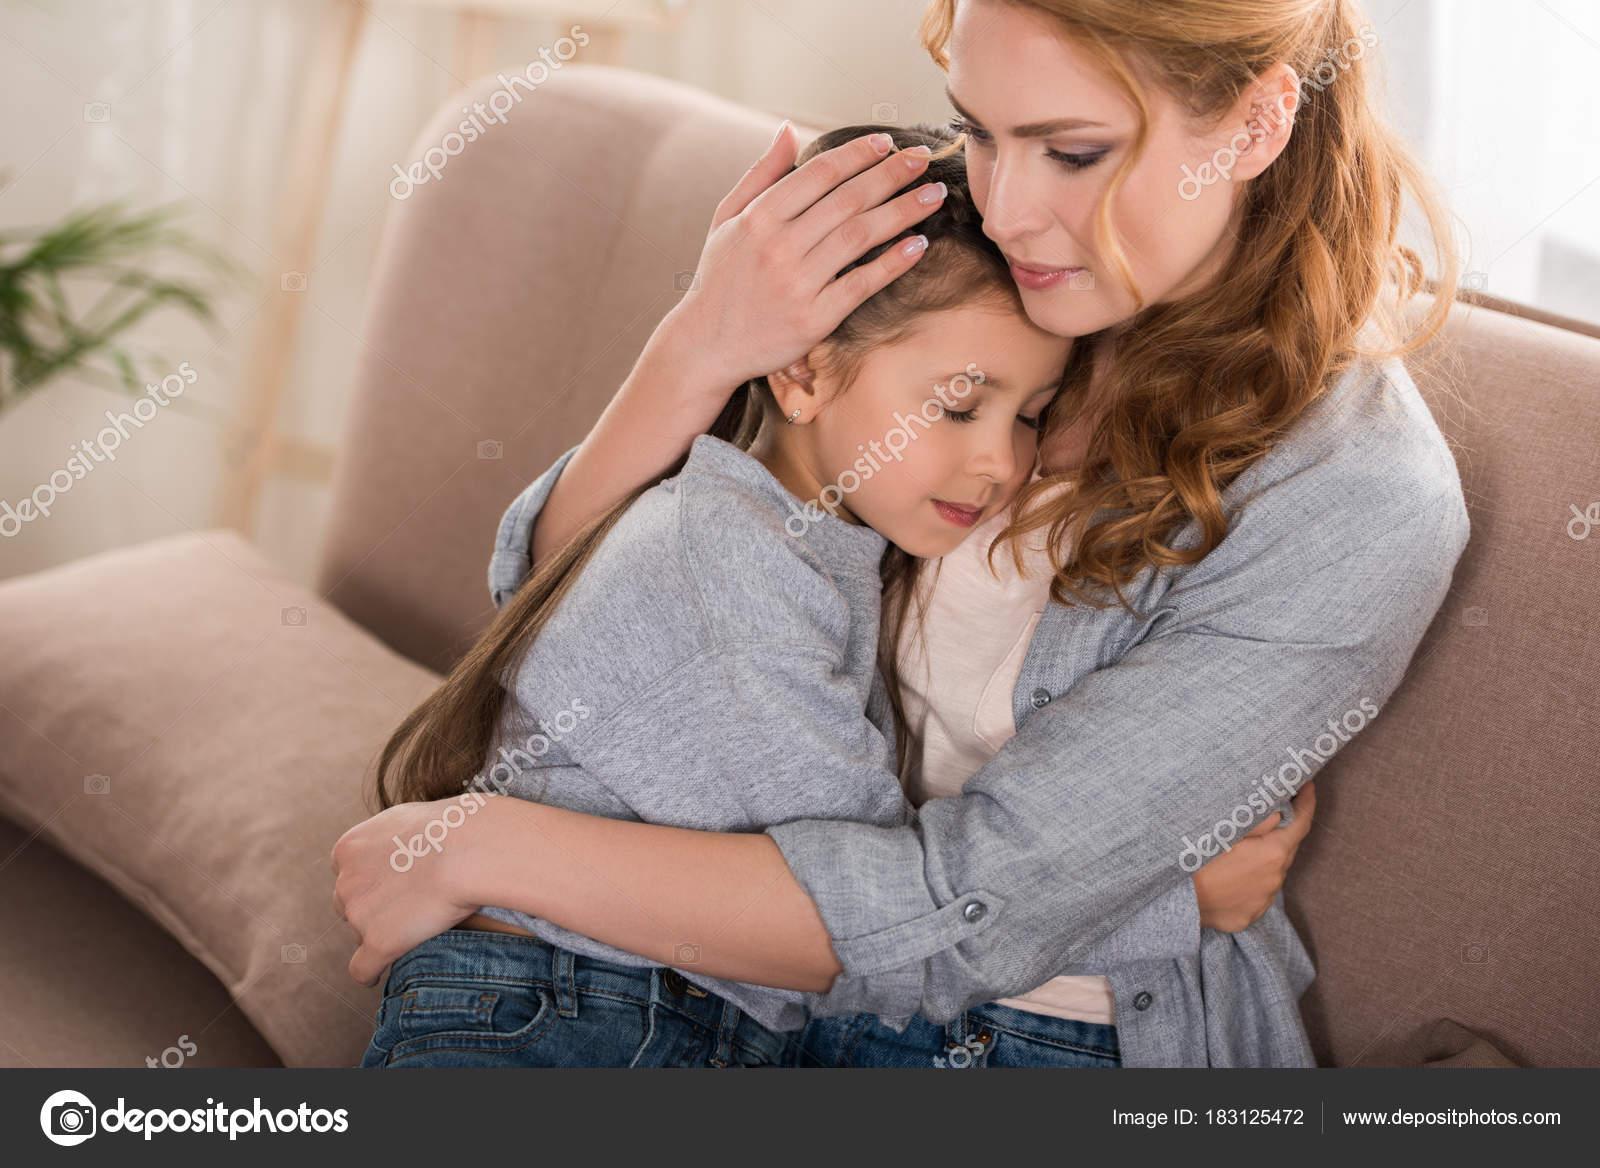 Трахает дочку и ее подругу, Отец трахнул молодую дочь вместе с подружкой 20 фотография